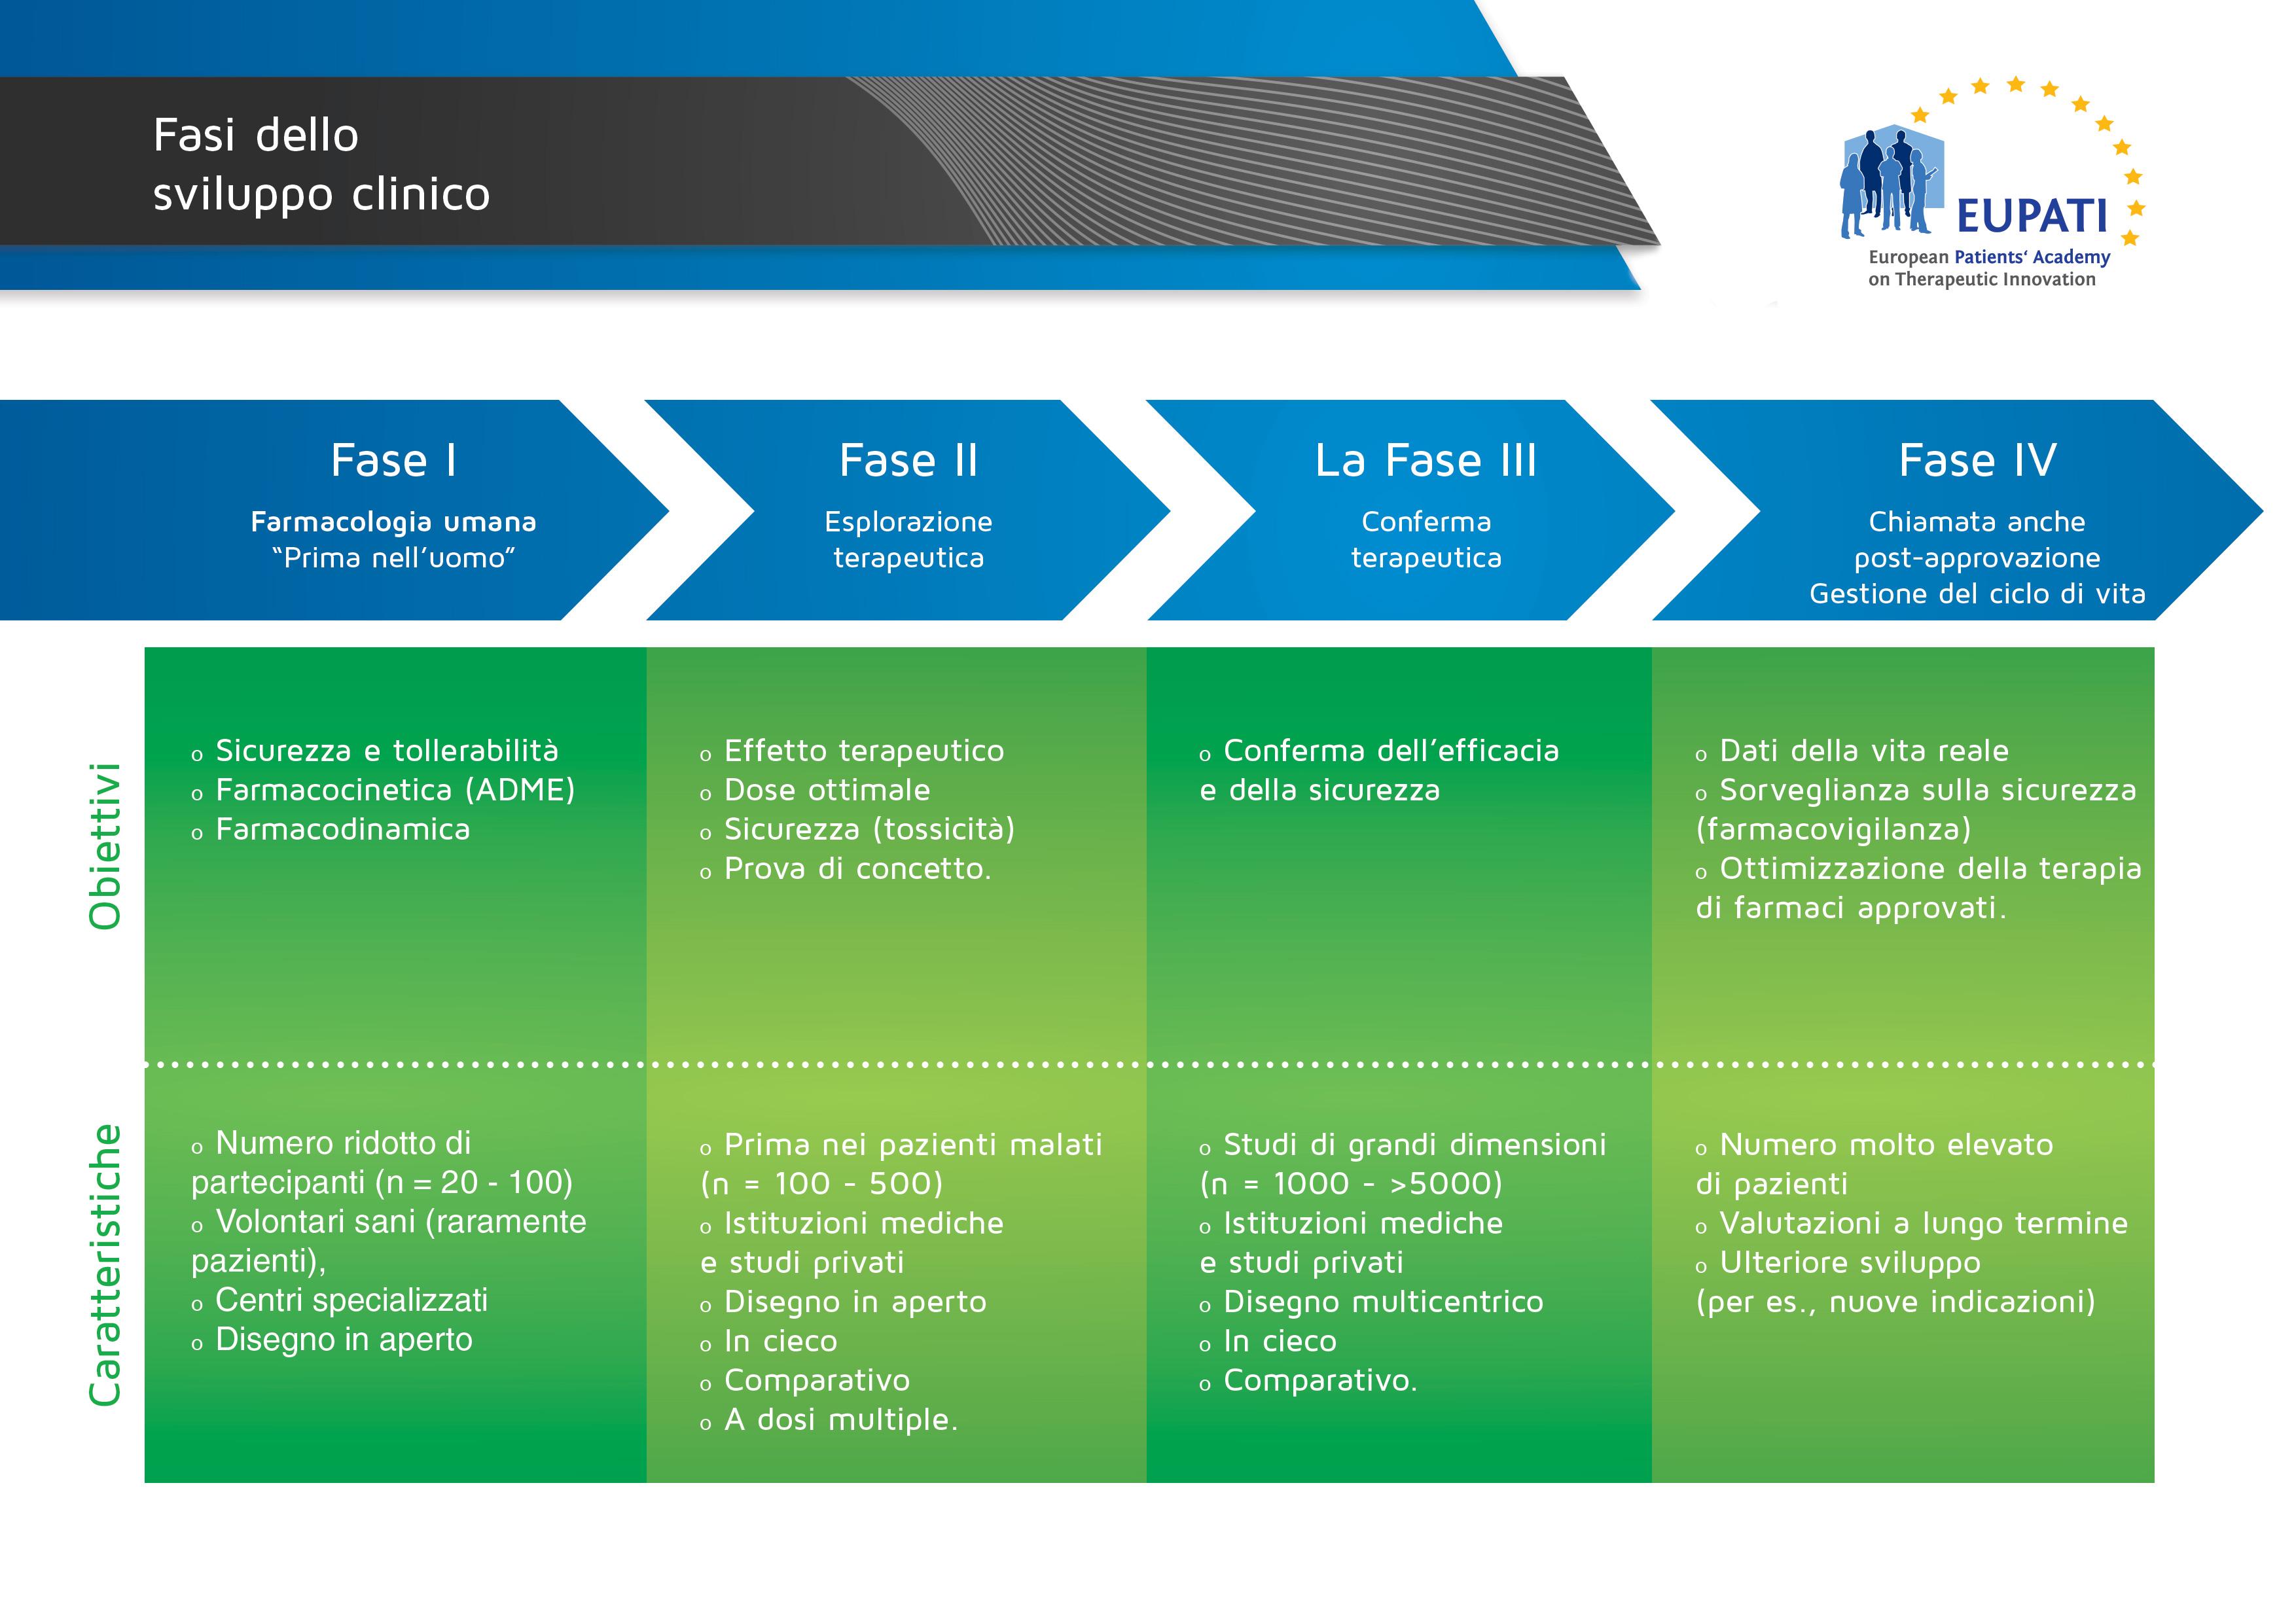 Le quattro fasi dello sviluppo clinico differiscono per obiettivi e caratteristiche.]]>